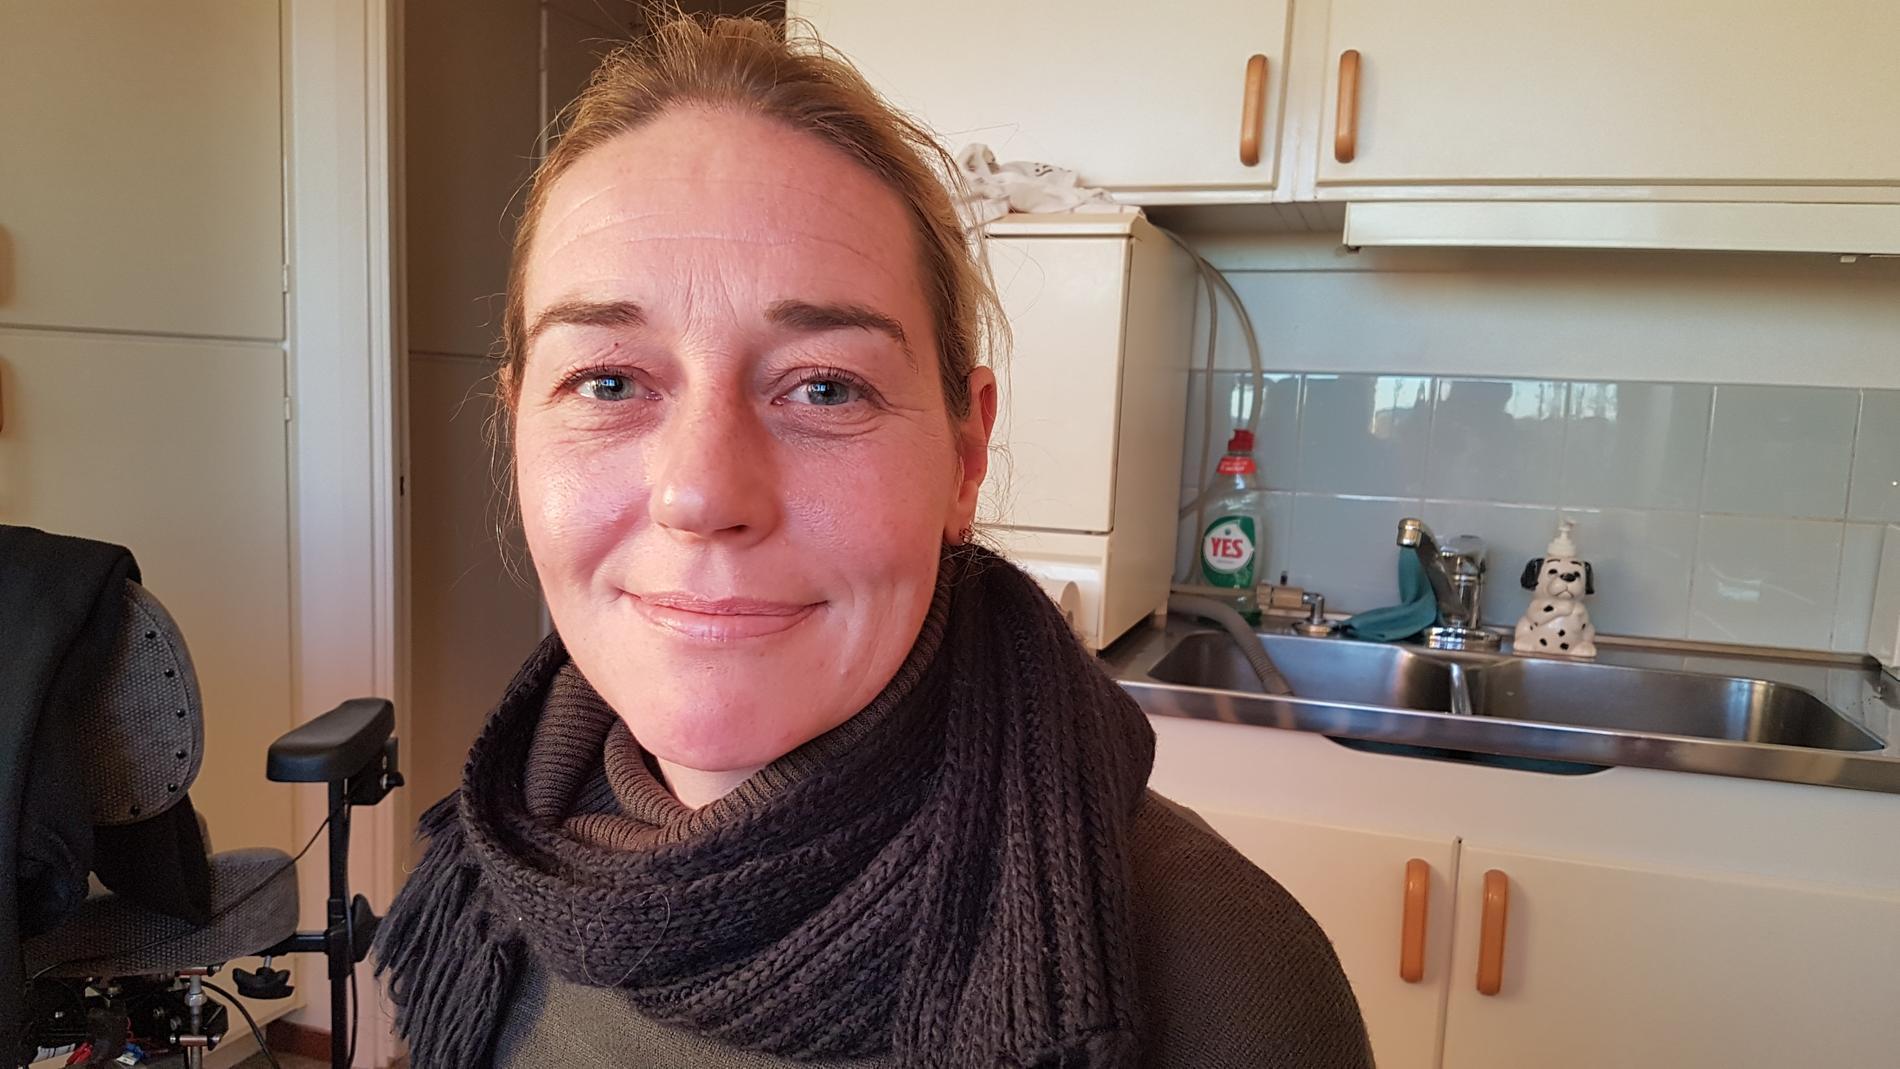 Maria Ljungmark hittade mamma Lotta döende i badrummet.